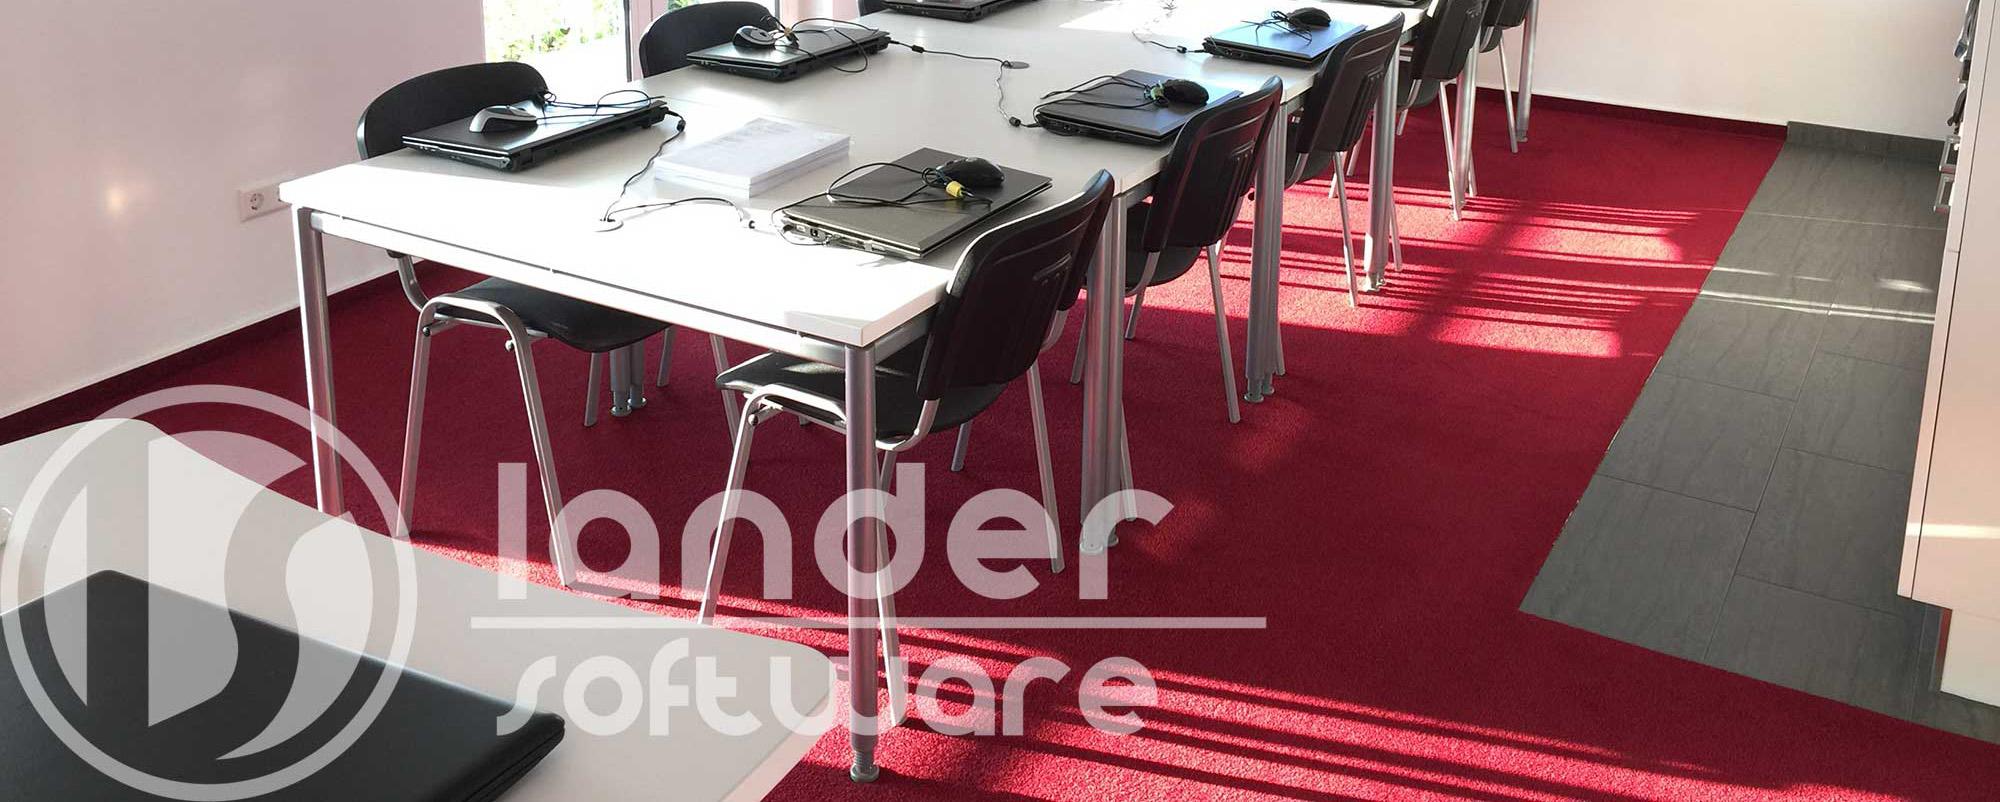 Lander Software